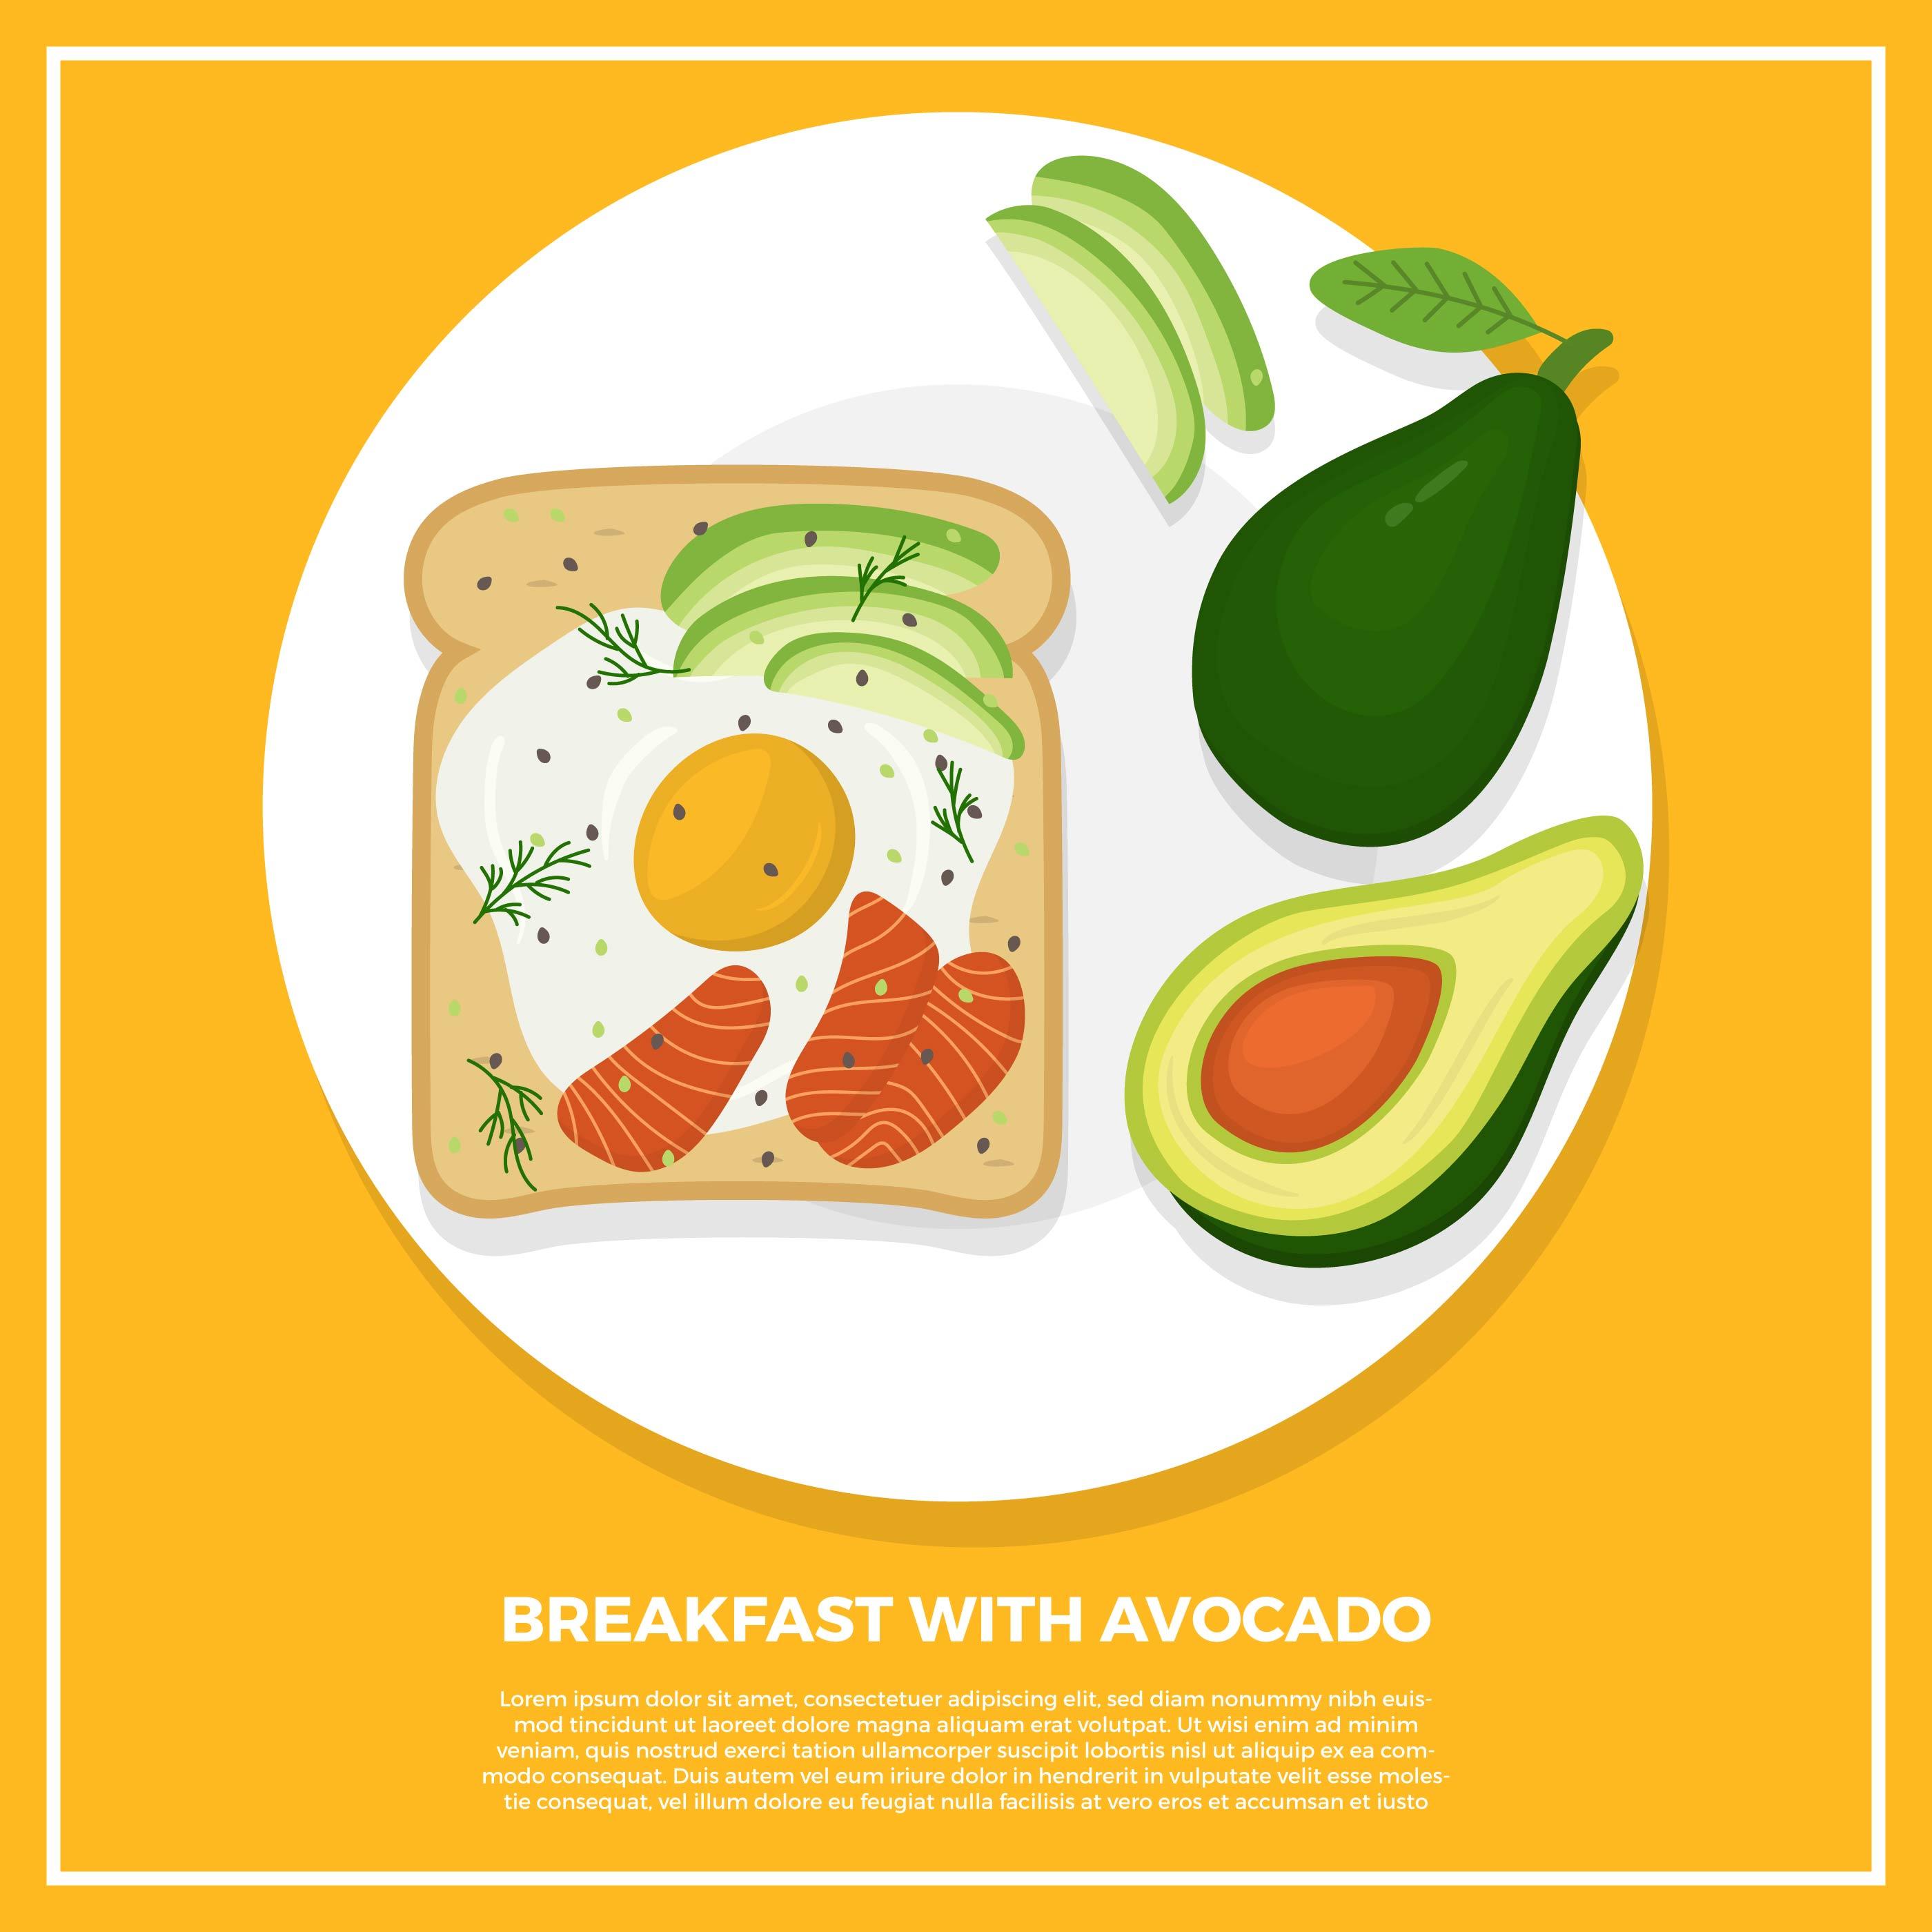 早餐圖片 免費下載 | 天天瘋後製